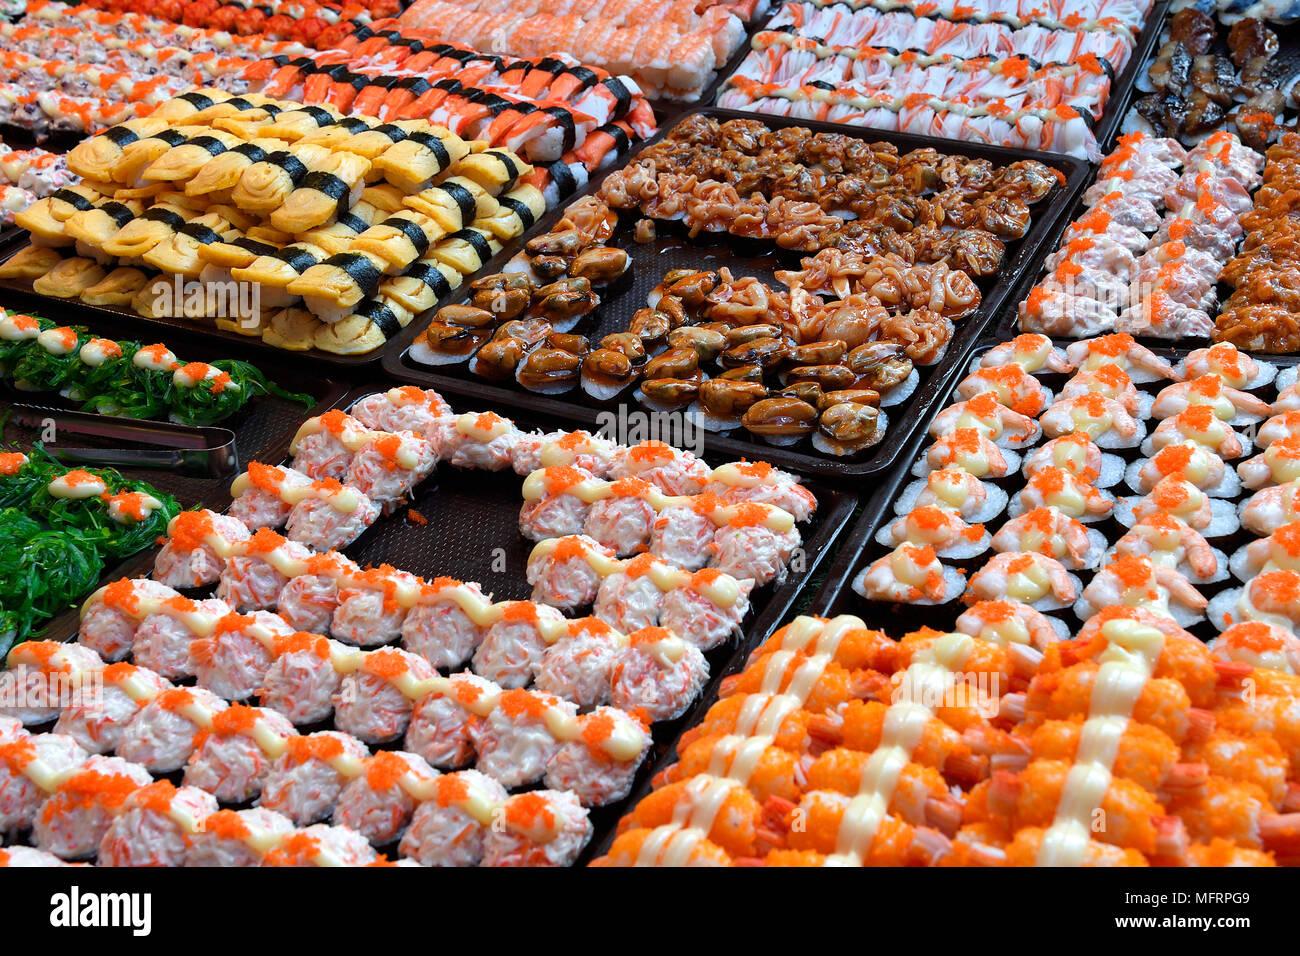 Pantalla, diversos Sushi, el mercado de fin de semana, Naka, Phuket, Tailandia Imagen De Stock